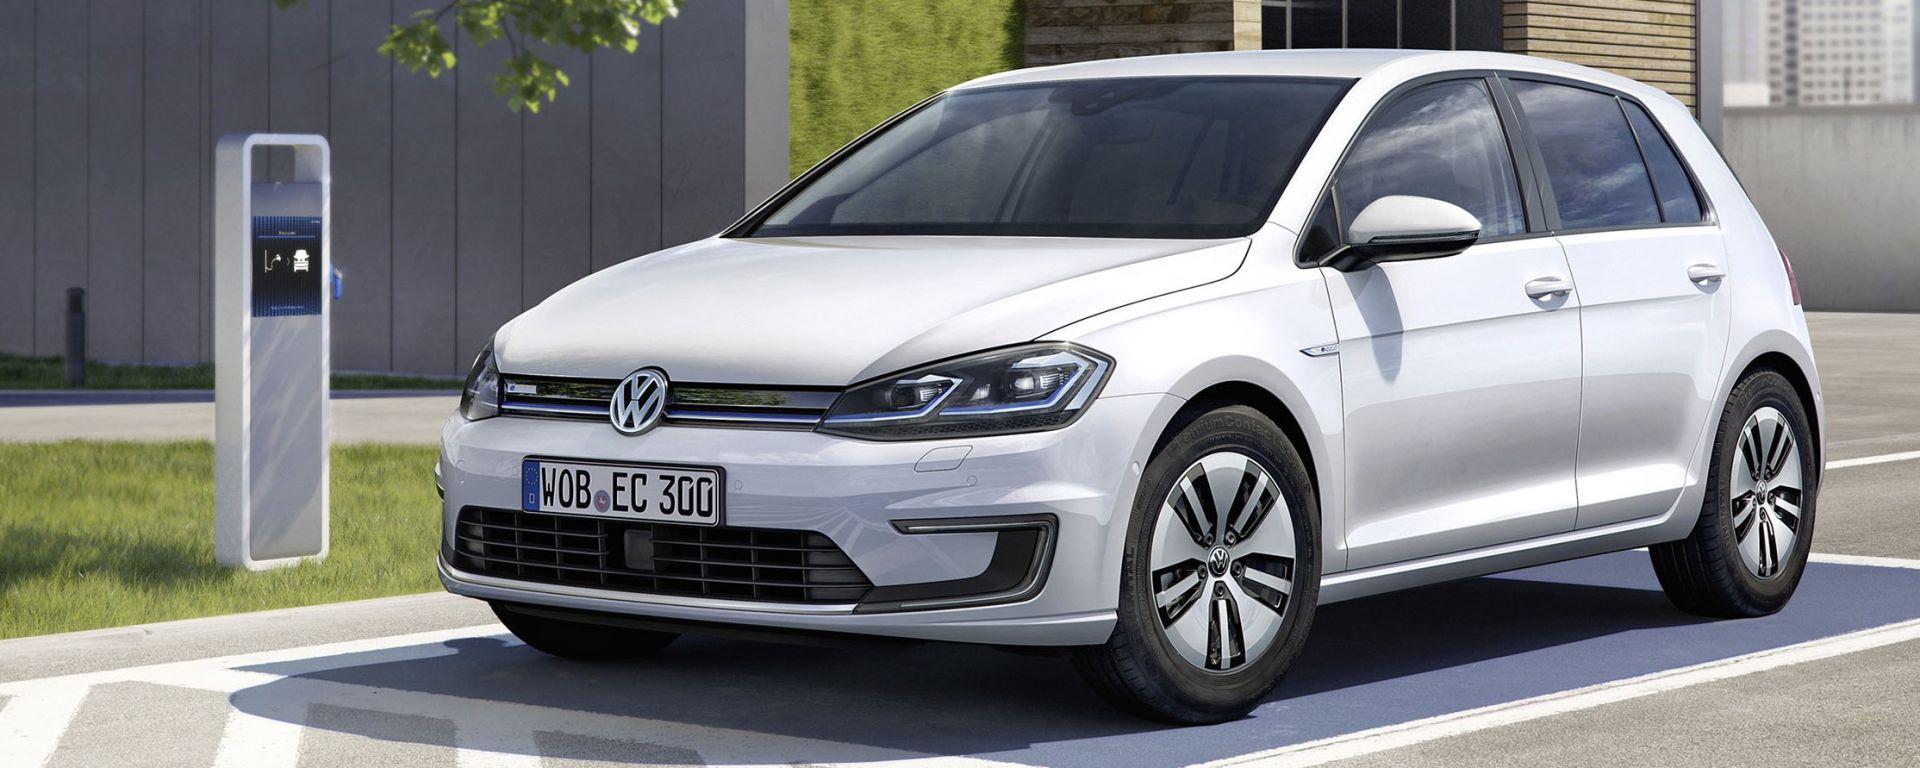 Volkswagen pronta a dire addio al downsizing e alle motorizzazioni diesel